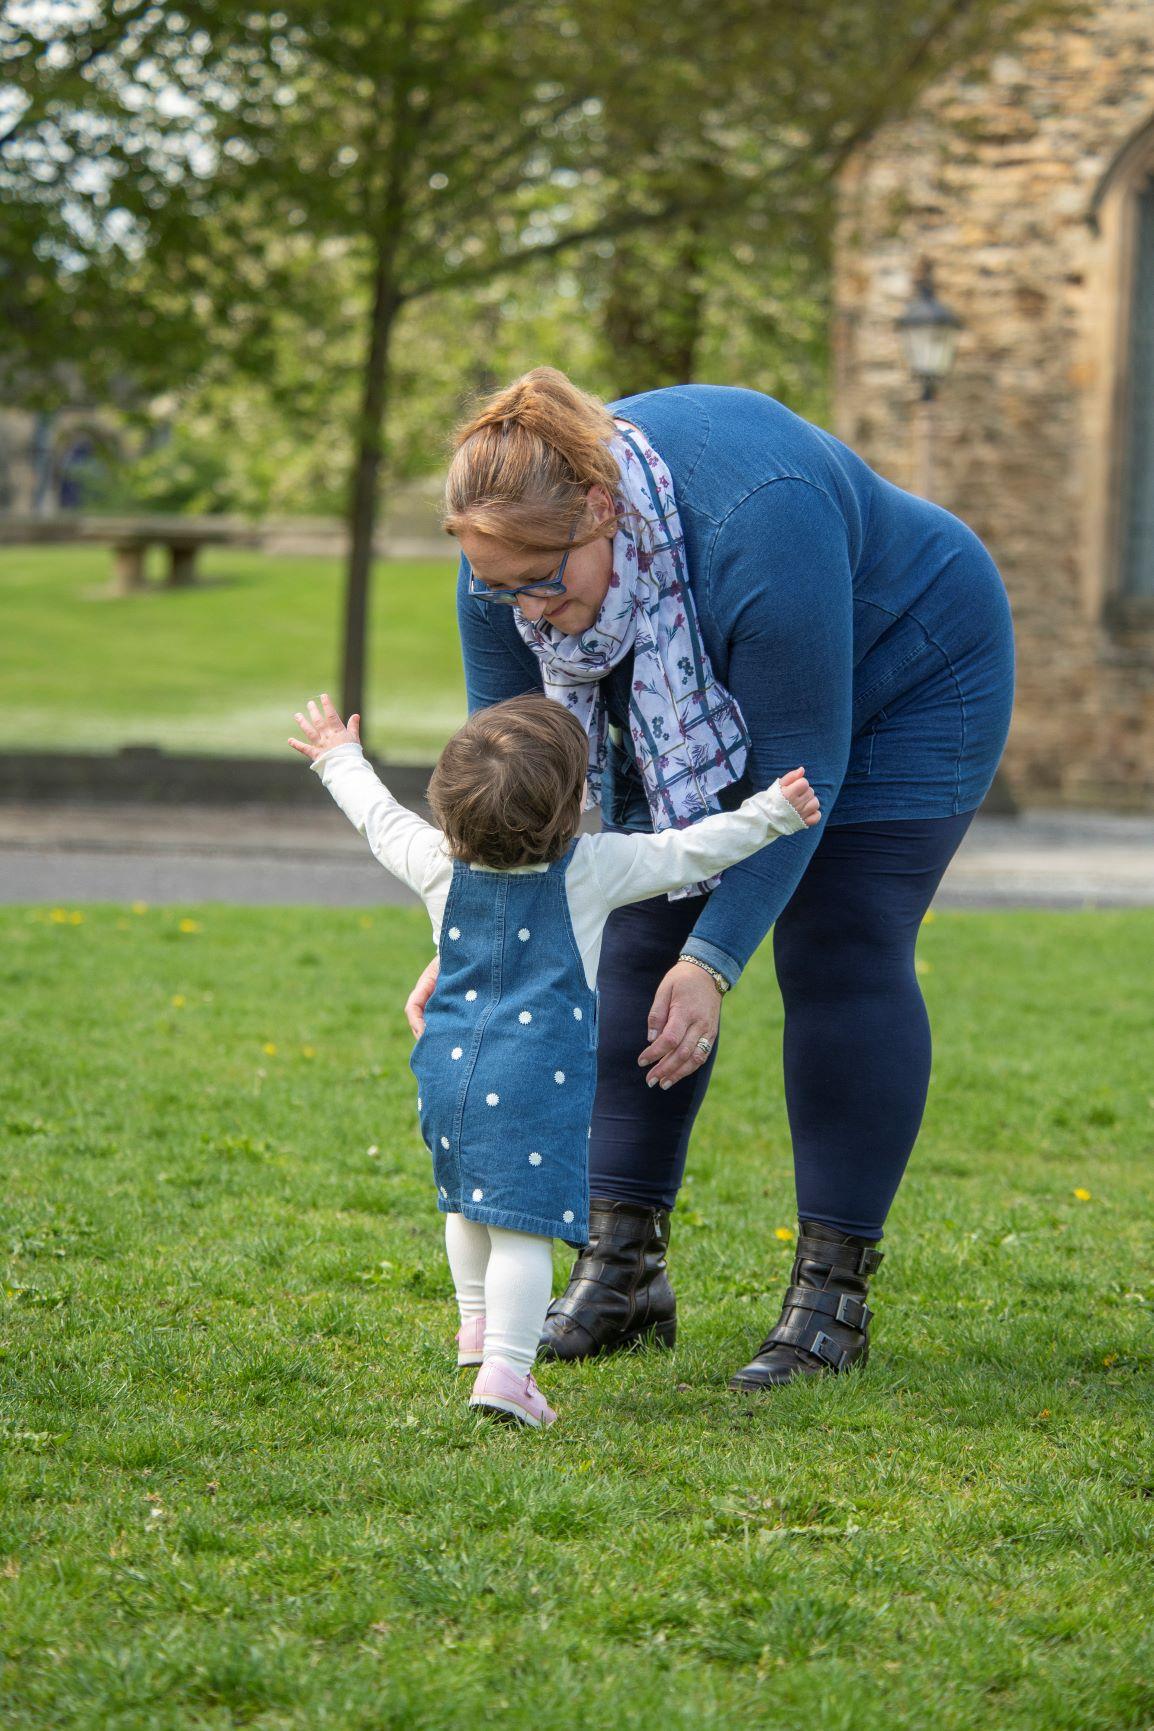 Little girl running towards mam